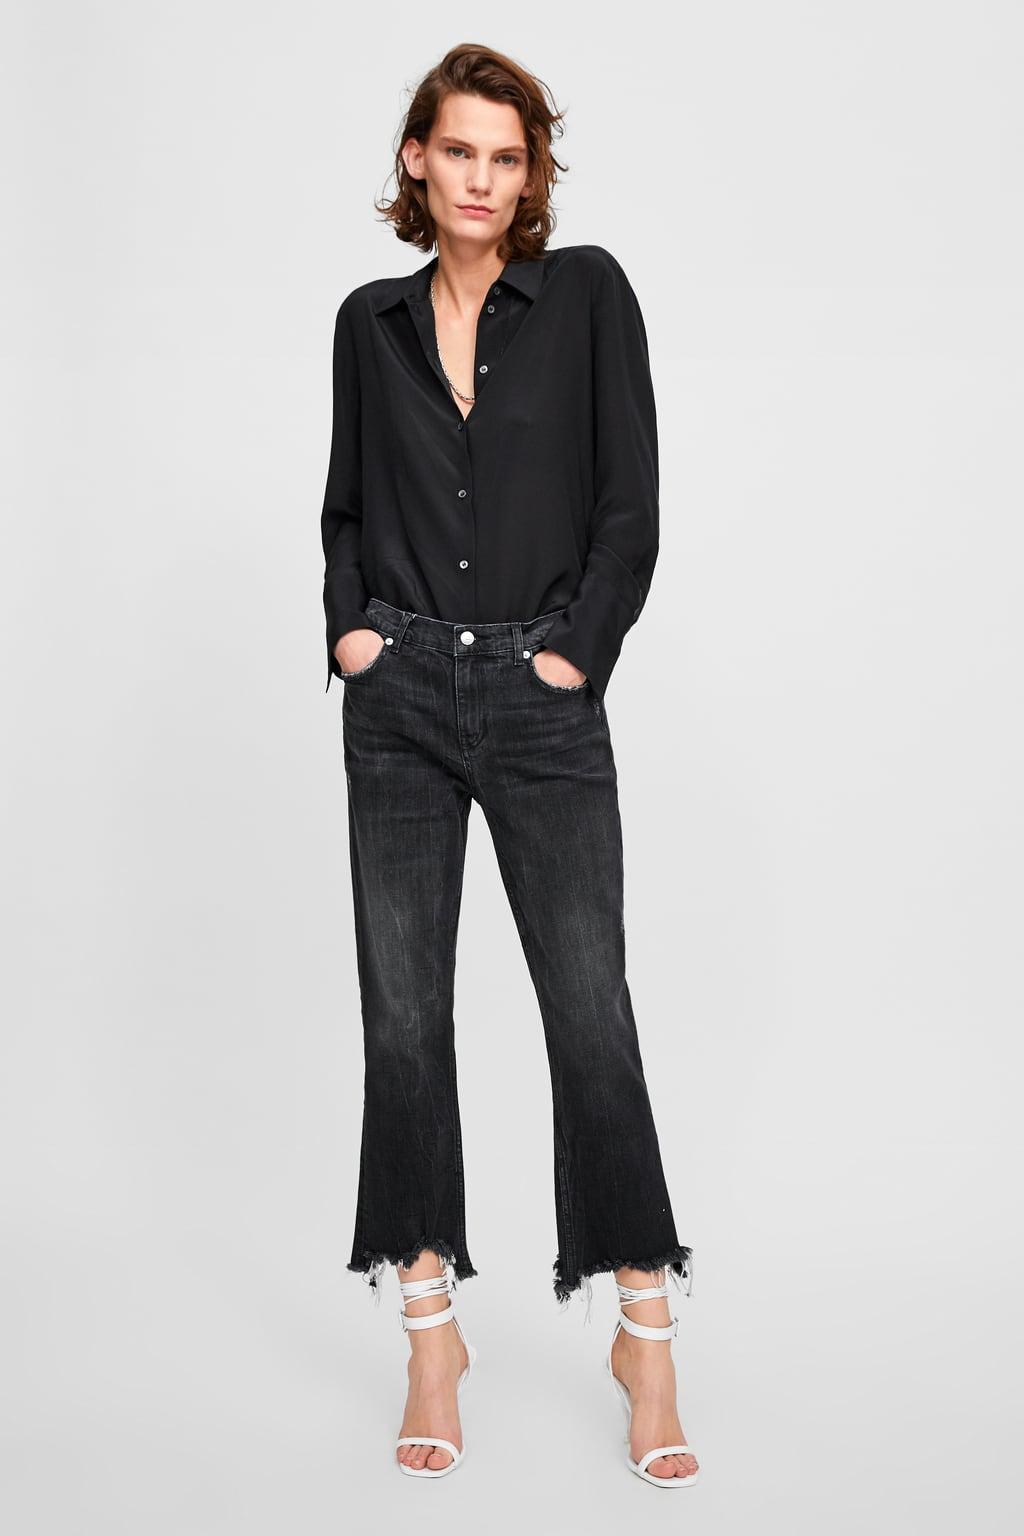 Zara M 38 jeansy czarne przecierane postarzone